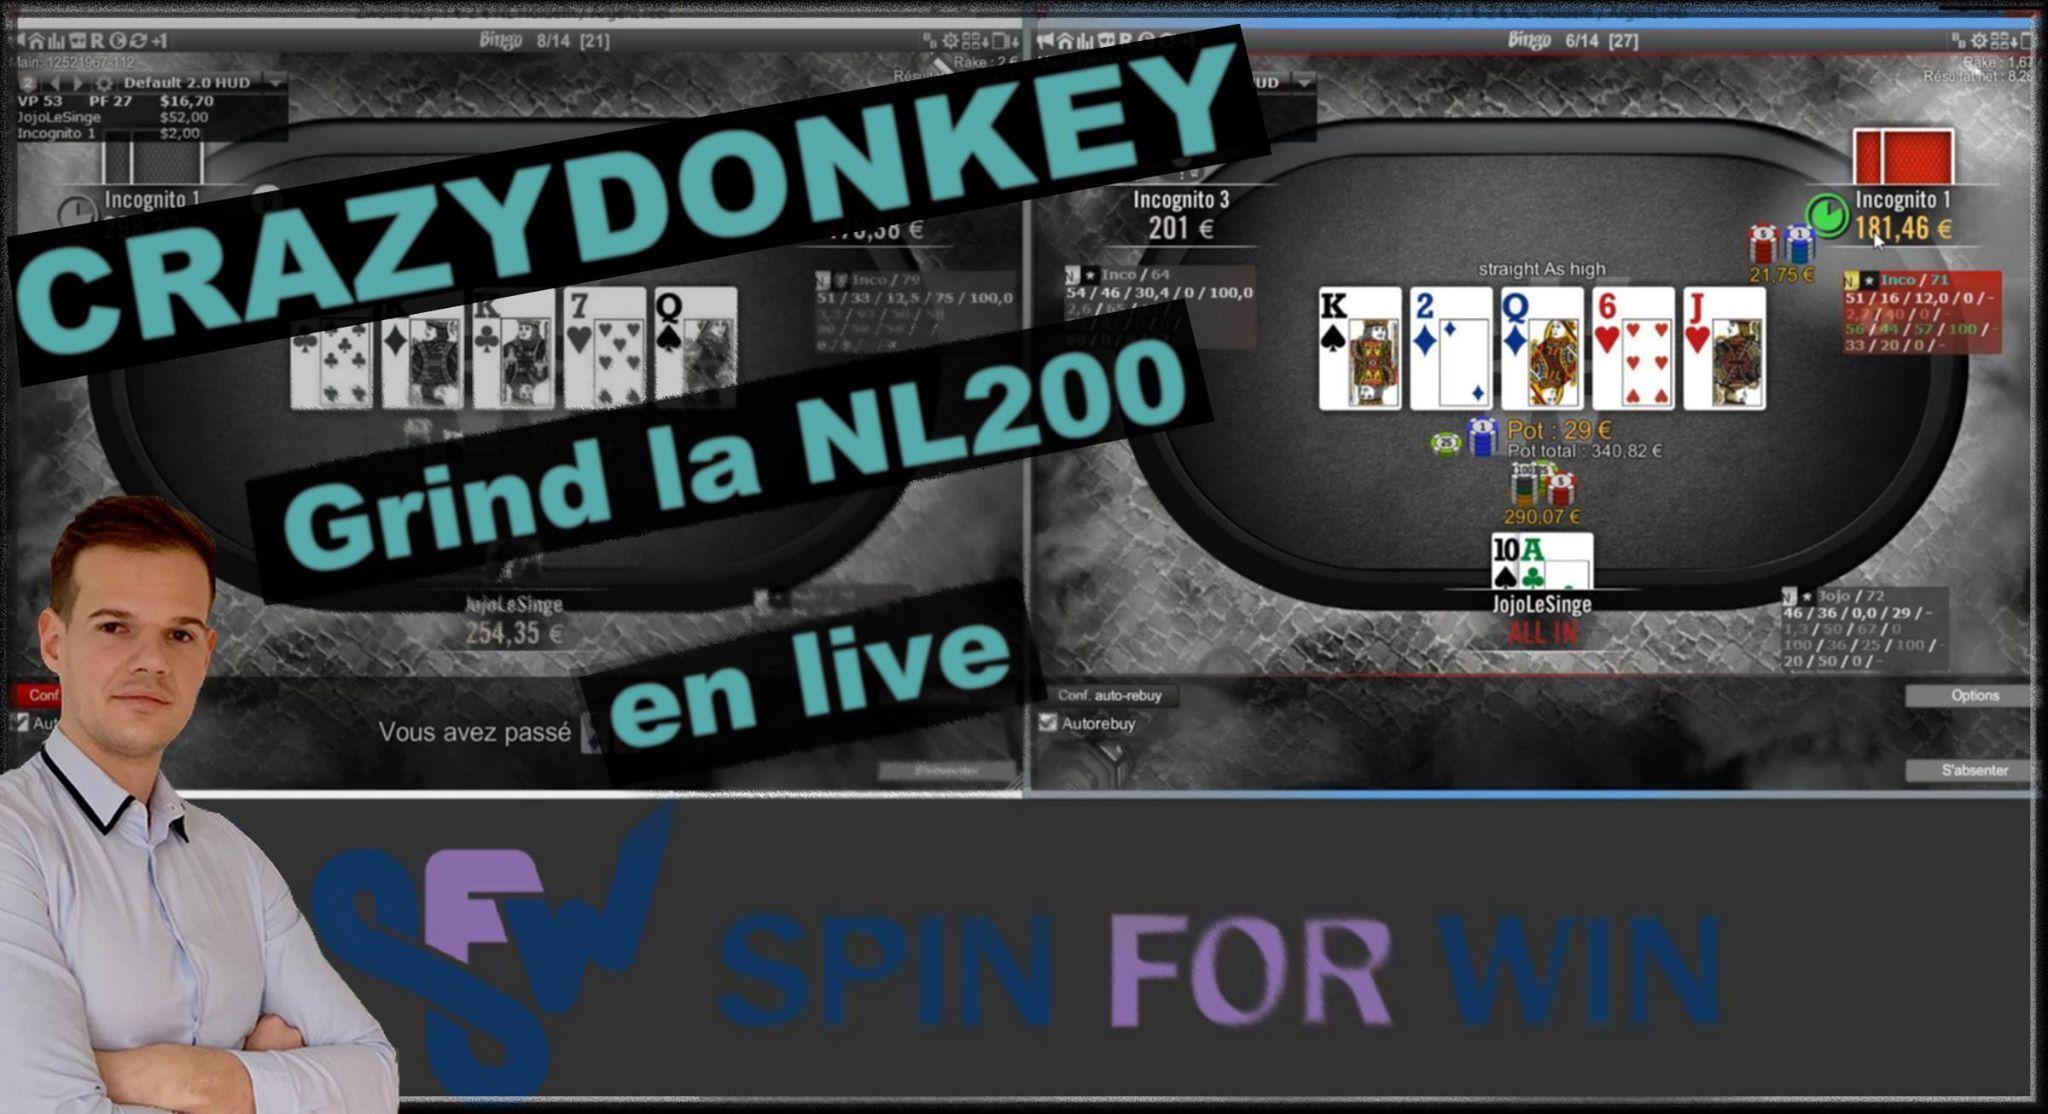 Crazydonkey grind la NL200 en live !